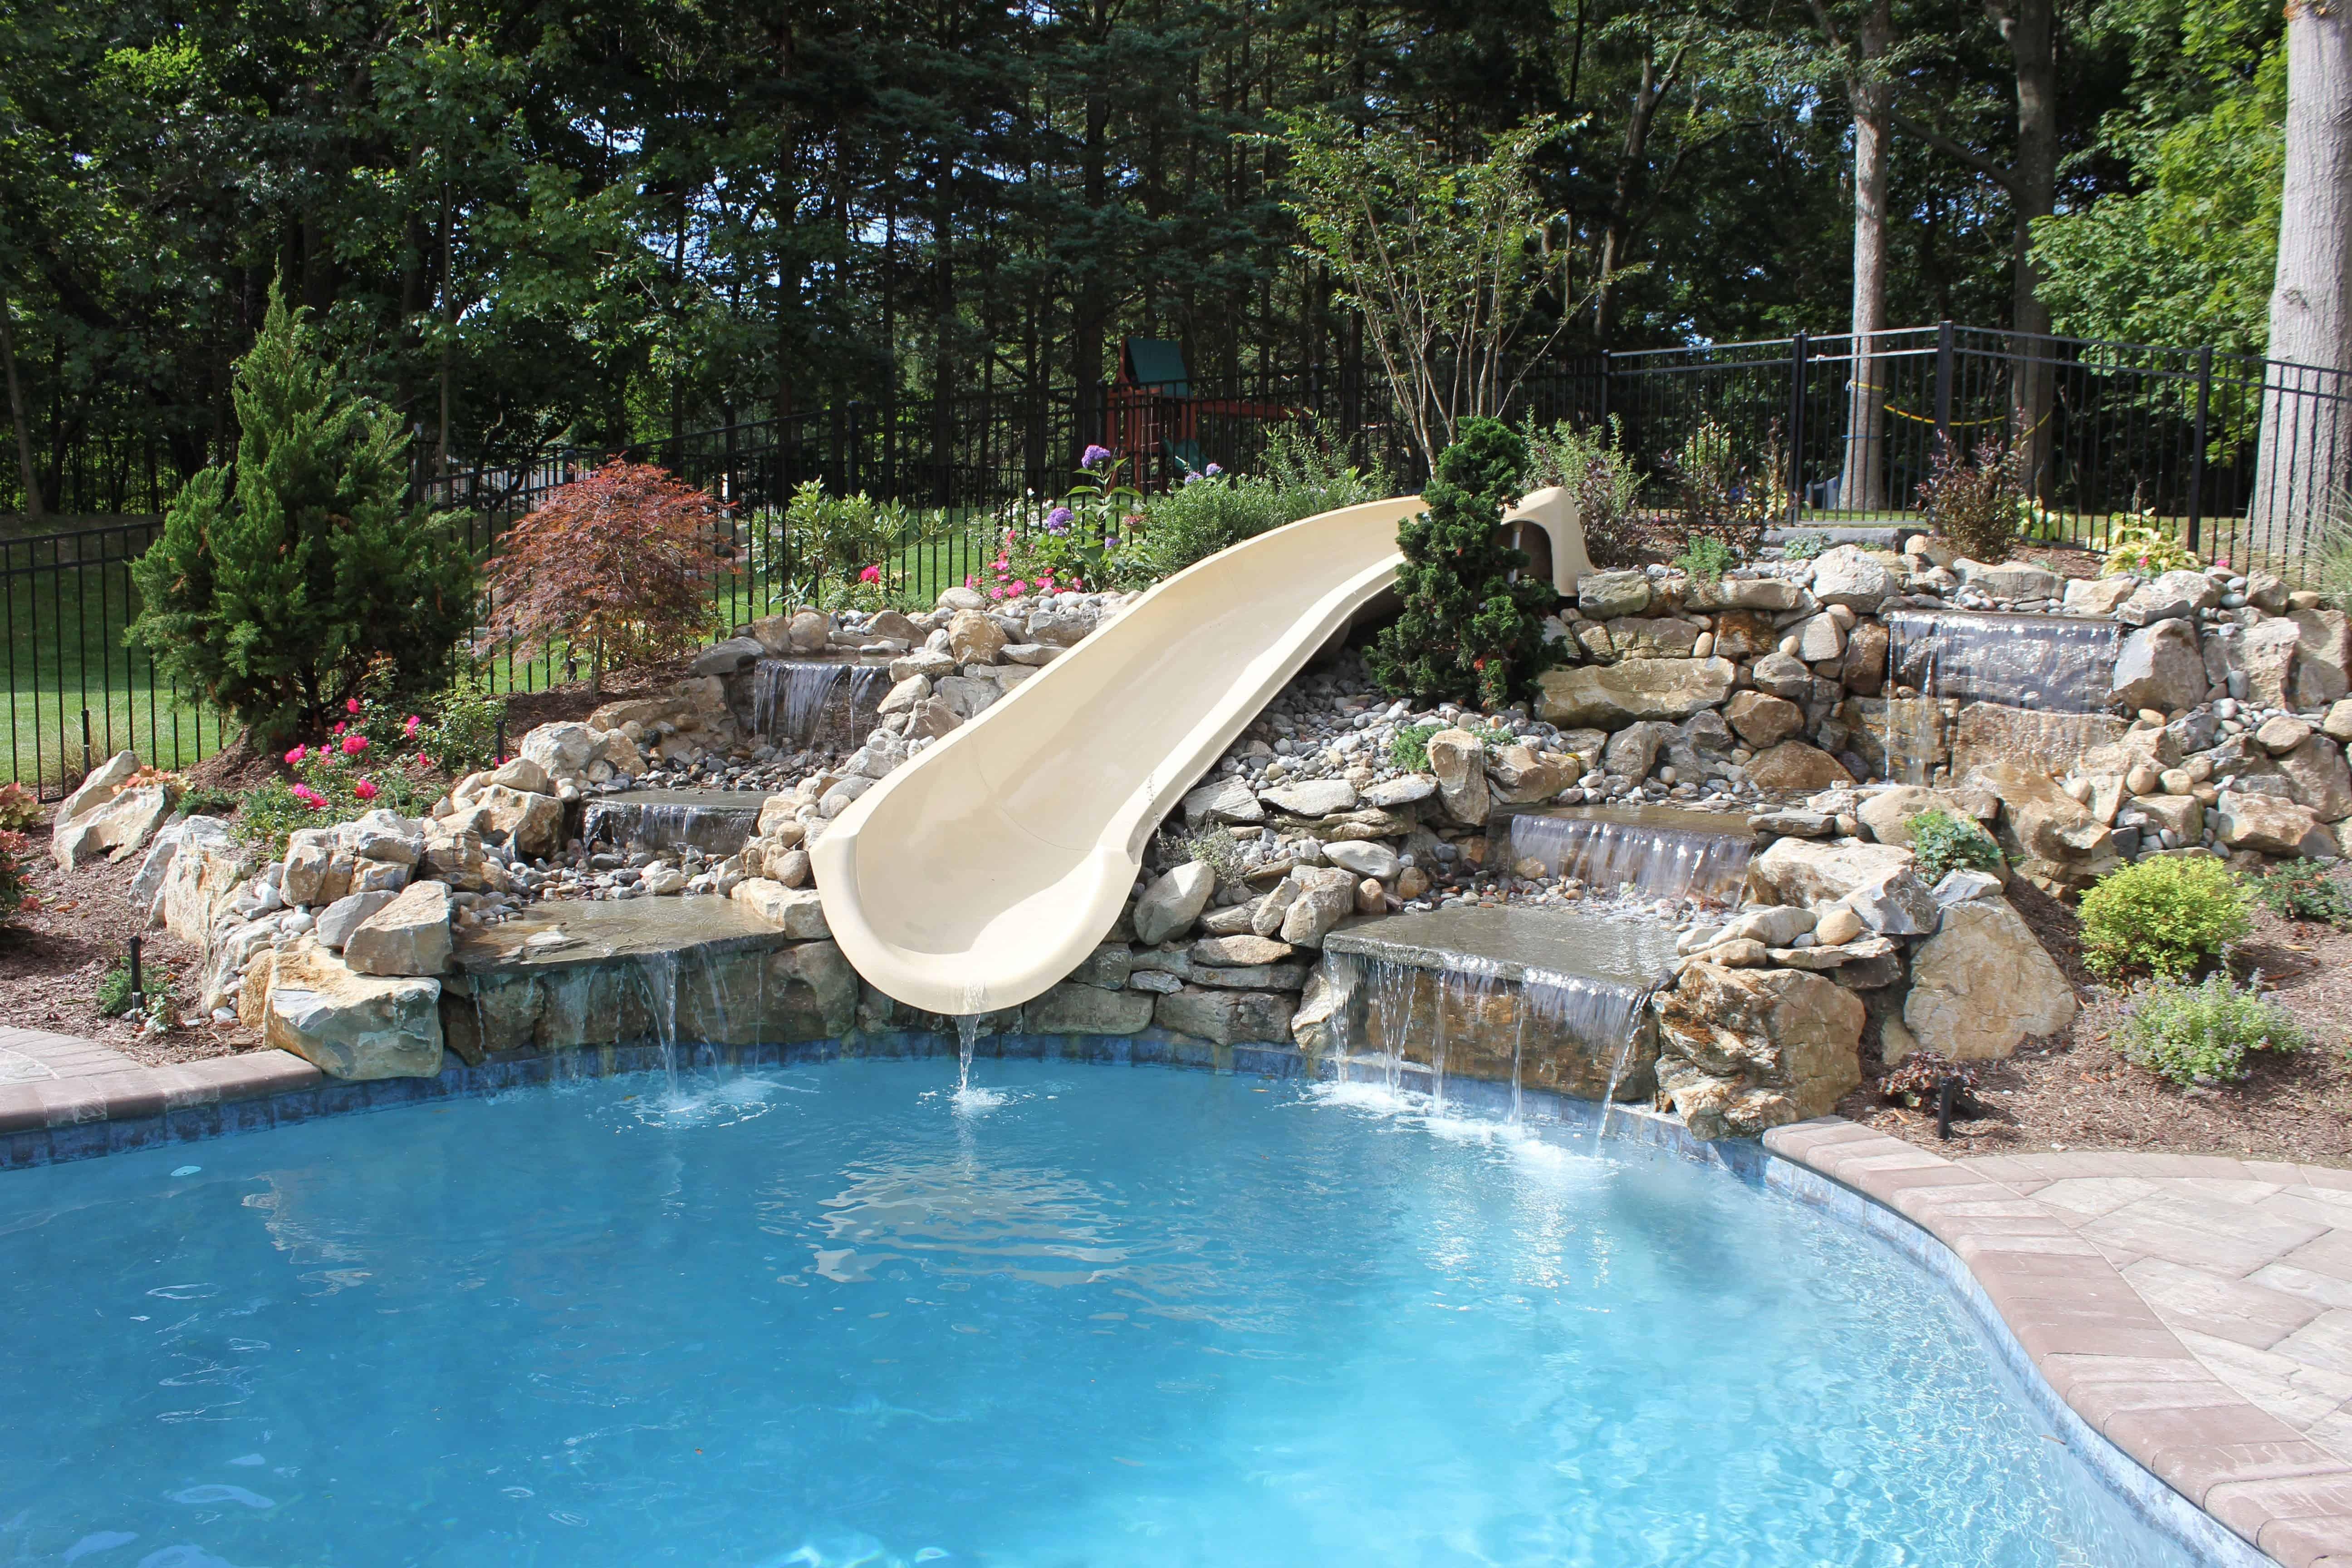 Natural Moss Rock Waterfall and Big Ride Slide - Woodbury, Long Island NY